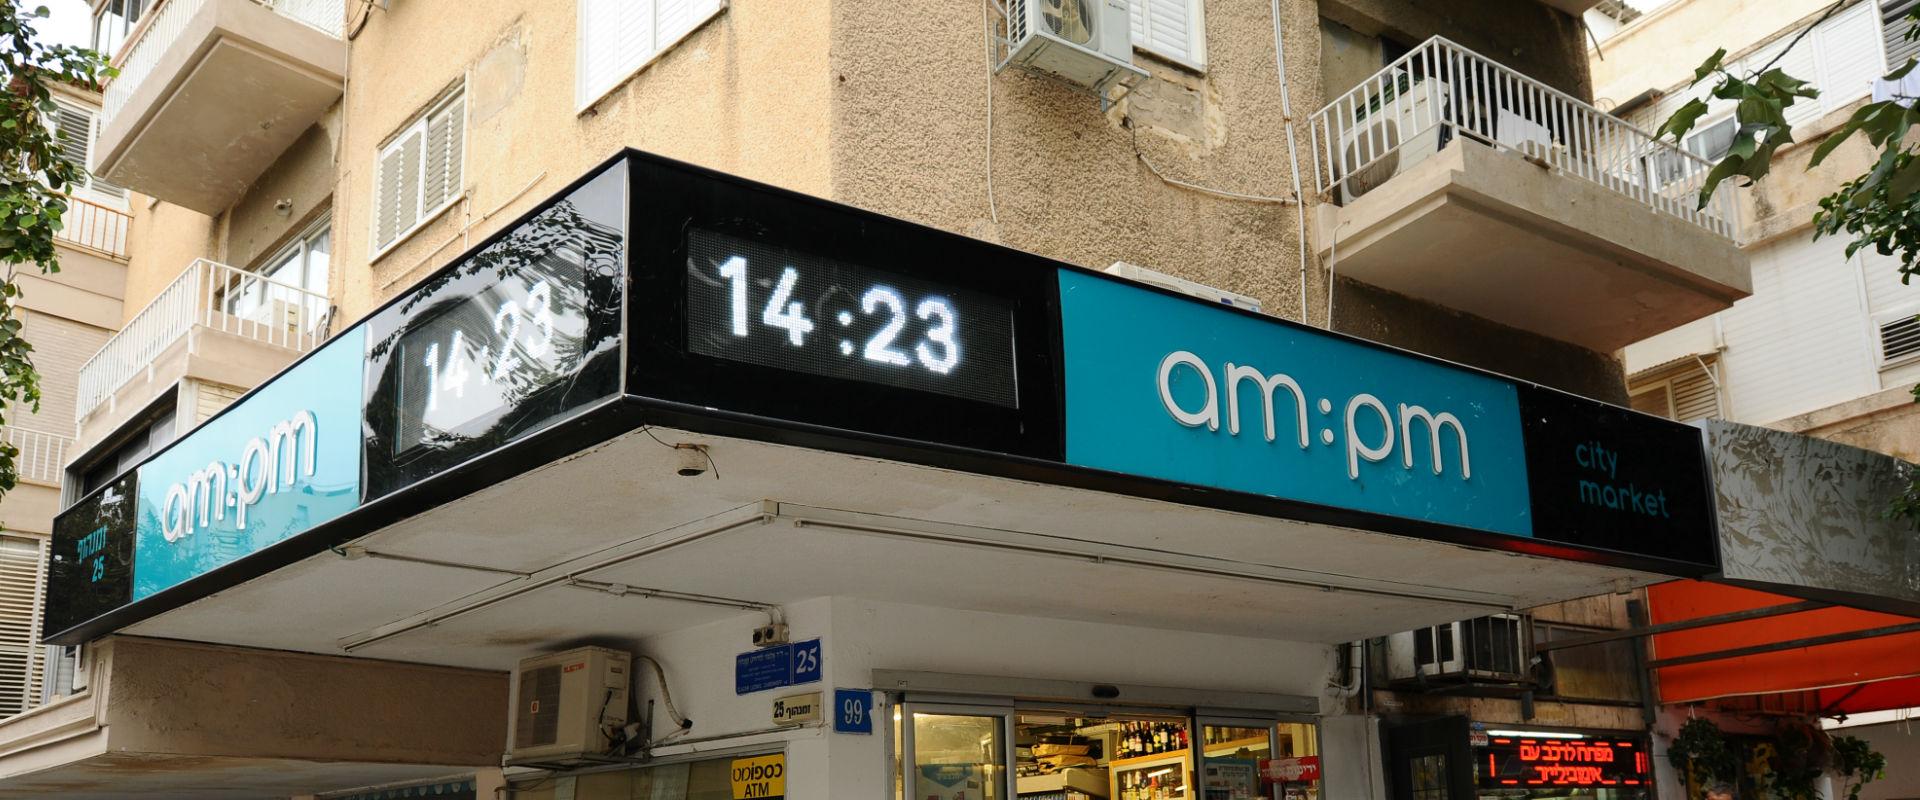 סניף am:pm בתל אביב